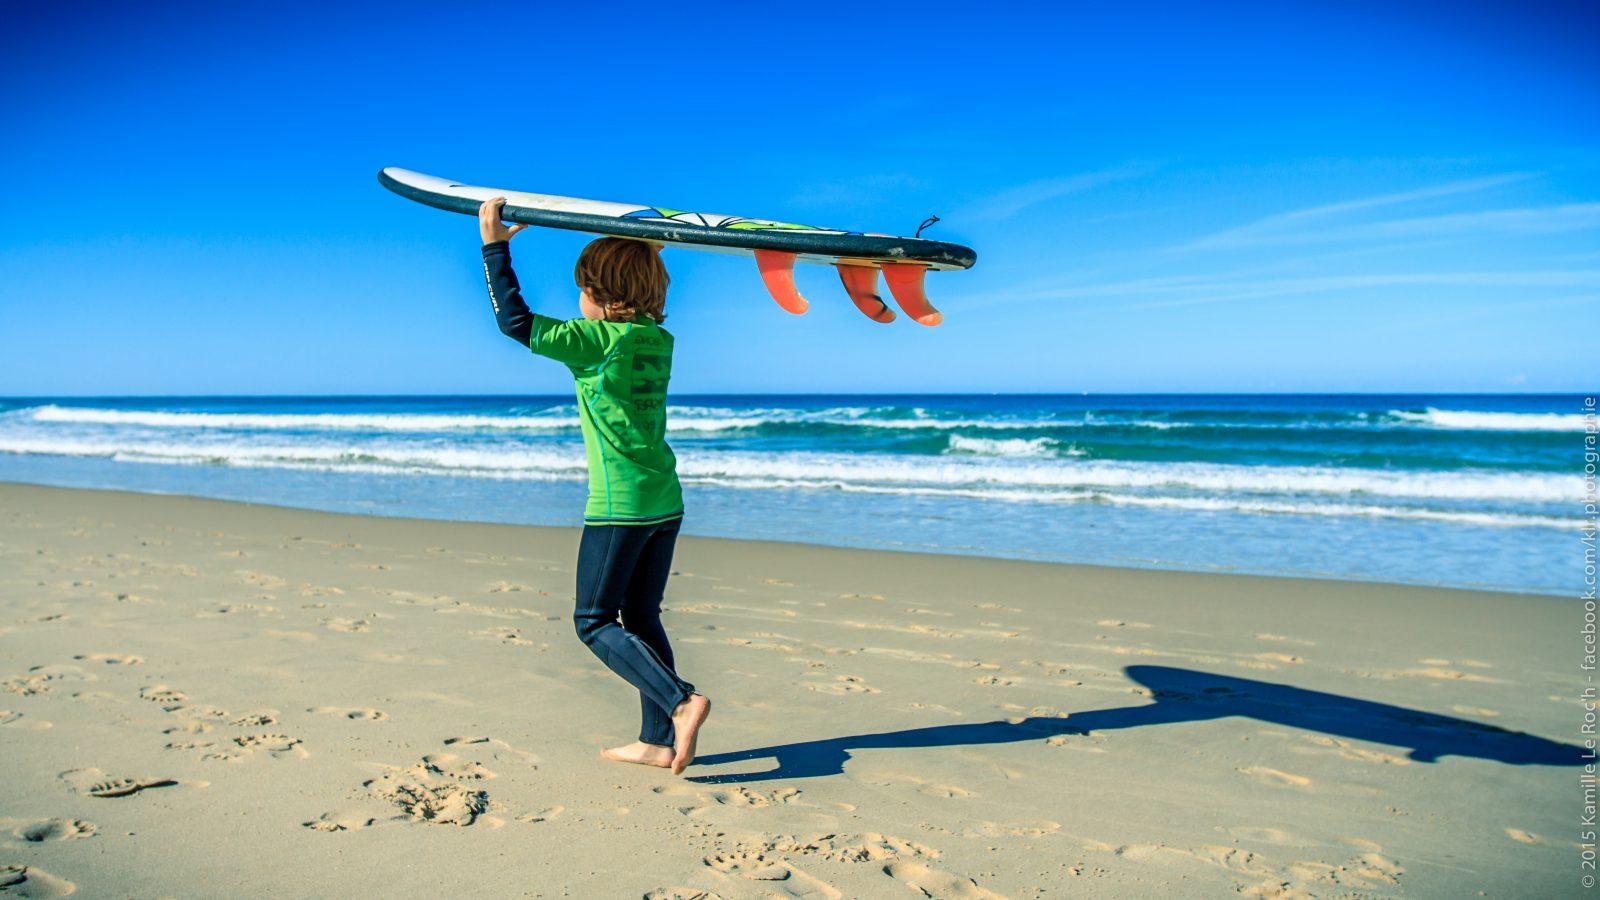 Pirate Surfing Surf Lacanau (12)